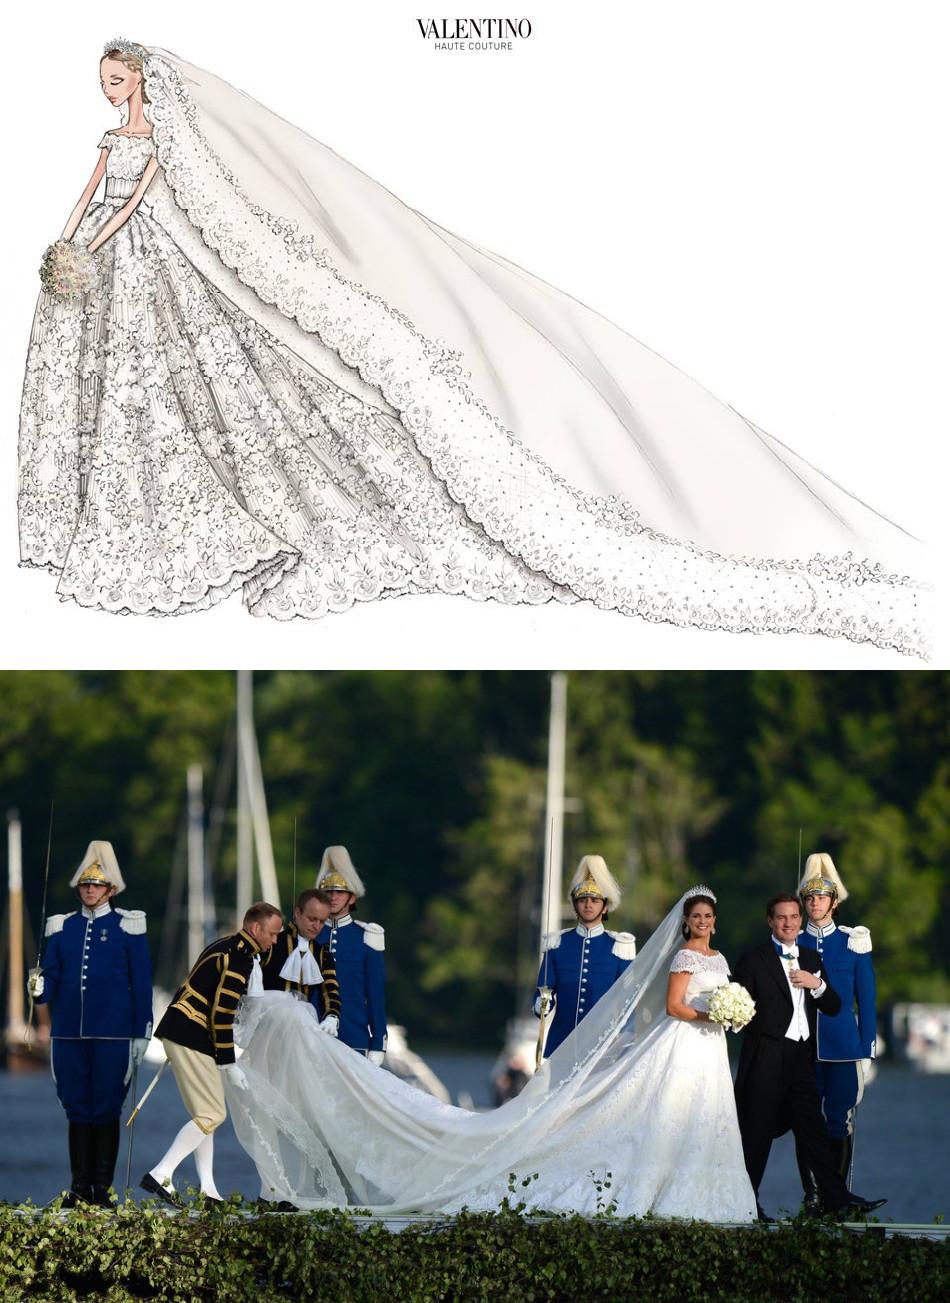 La robe de mariée de princesse Madeleine signée par le créateur Valentino Garavani